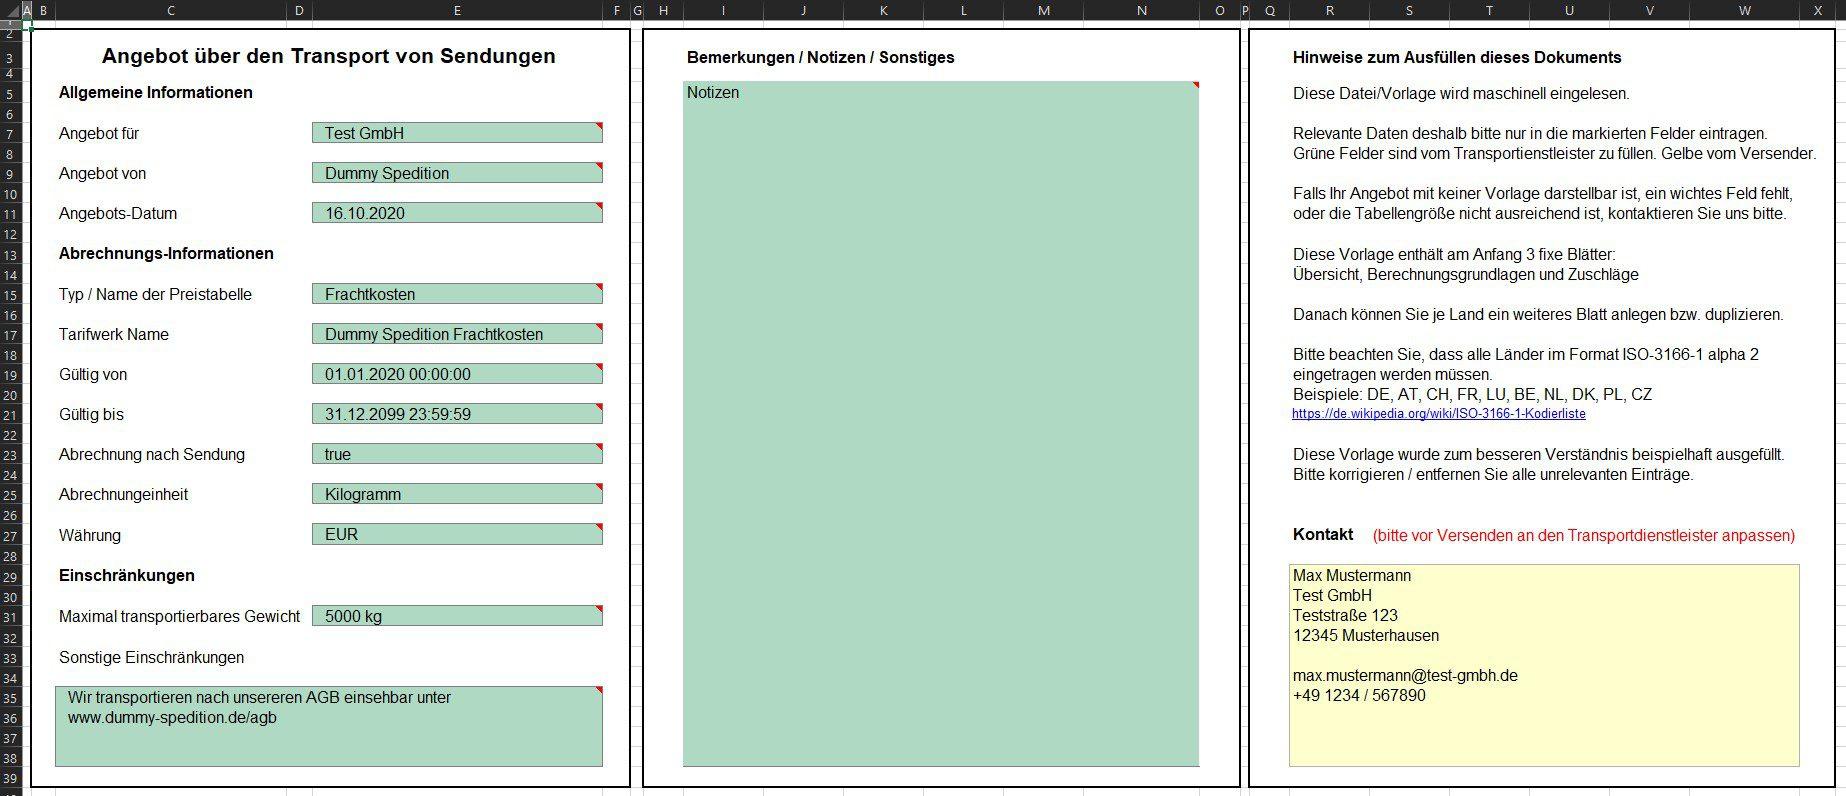 Übersichtsseite einer Beispiel Excel Datei